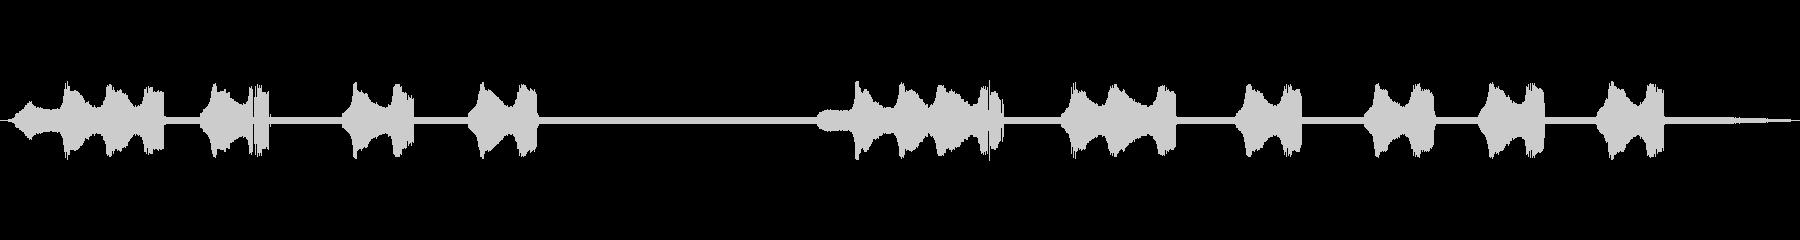 スズムシの声(ソロ=独り鳴き)の未再生の波形